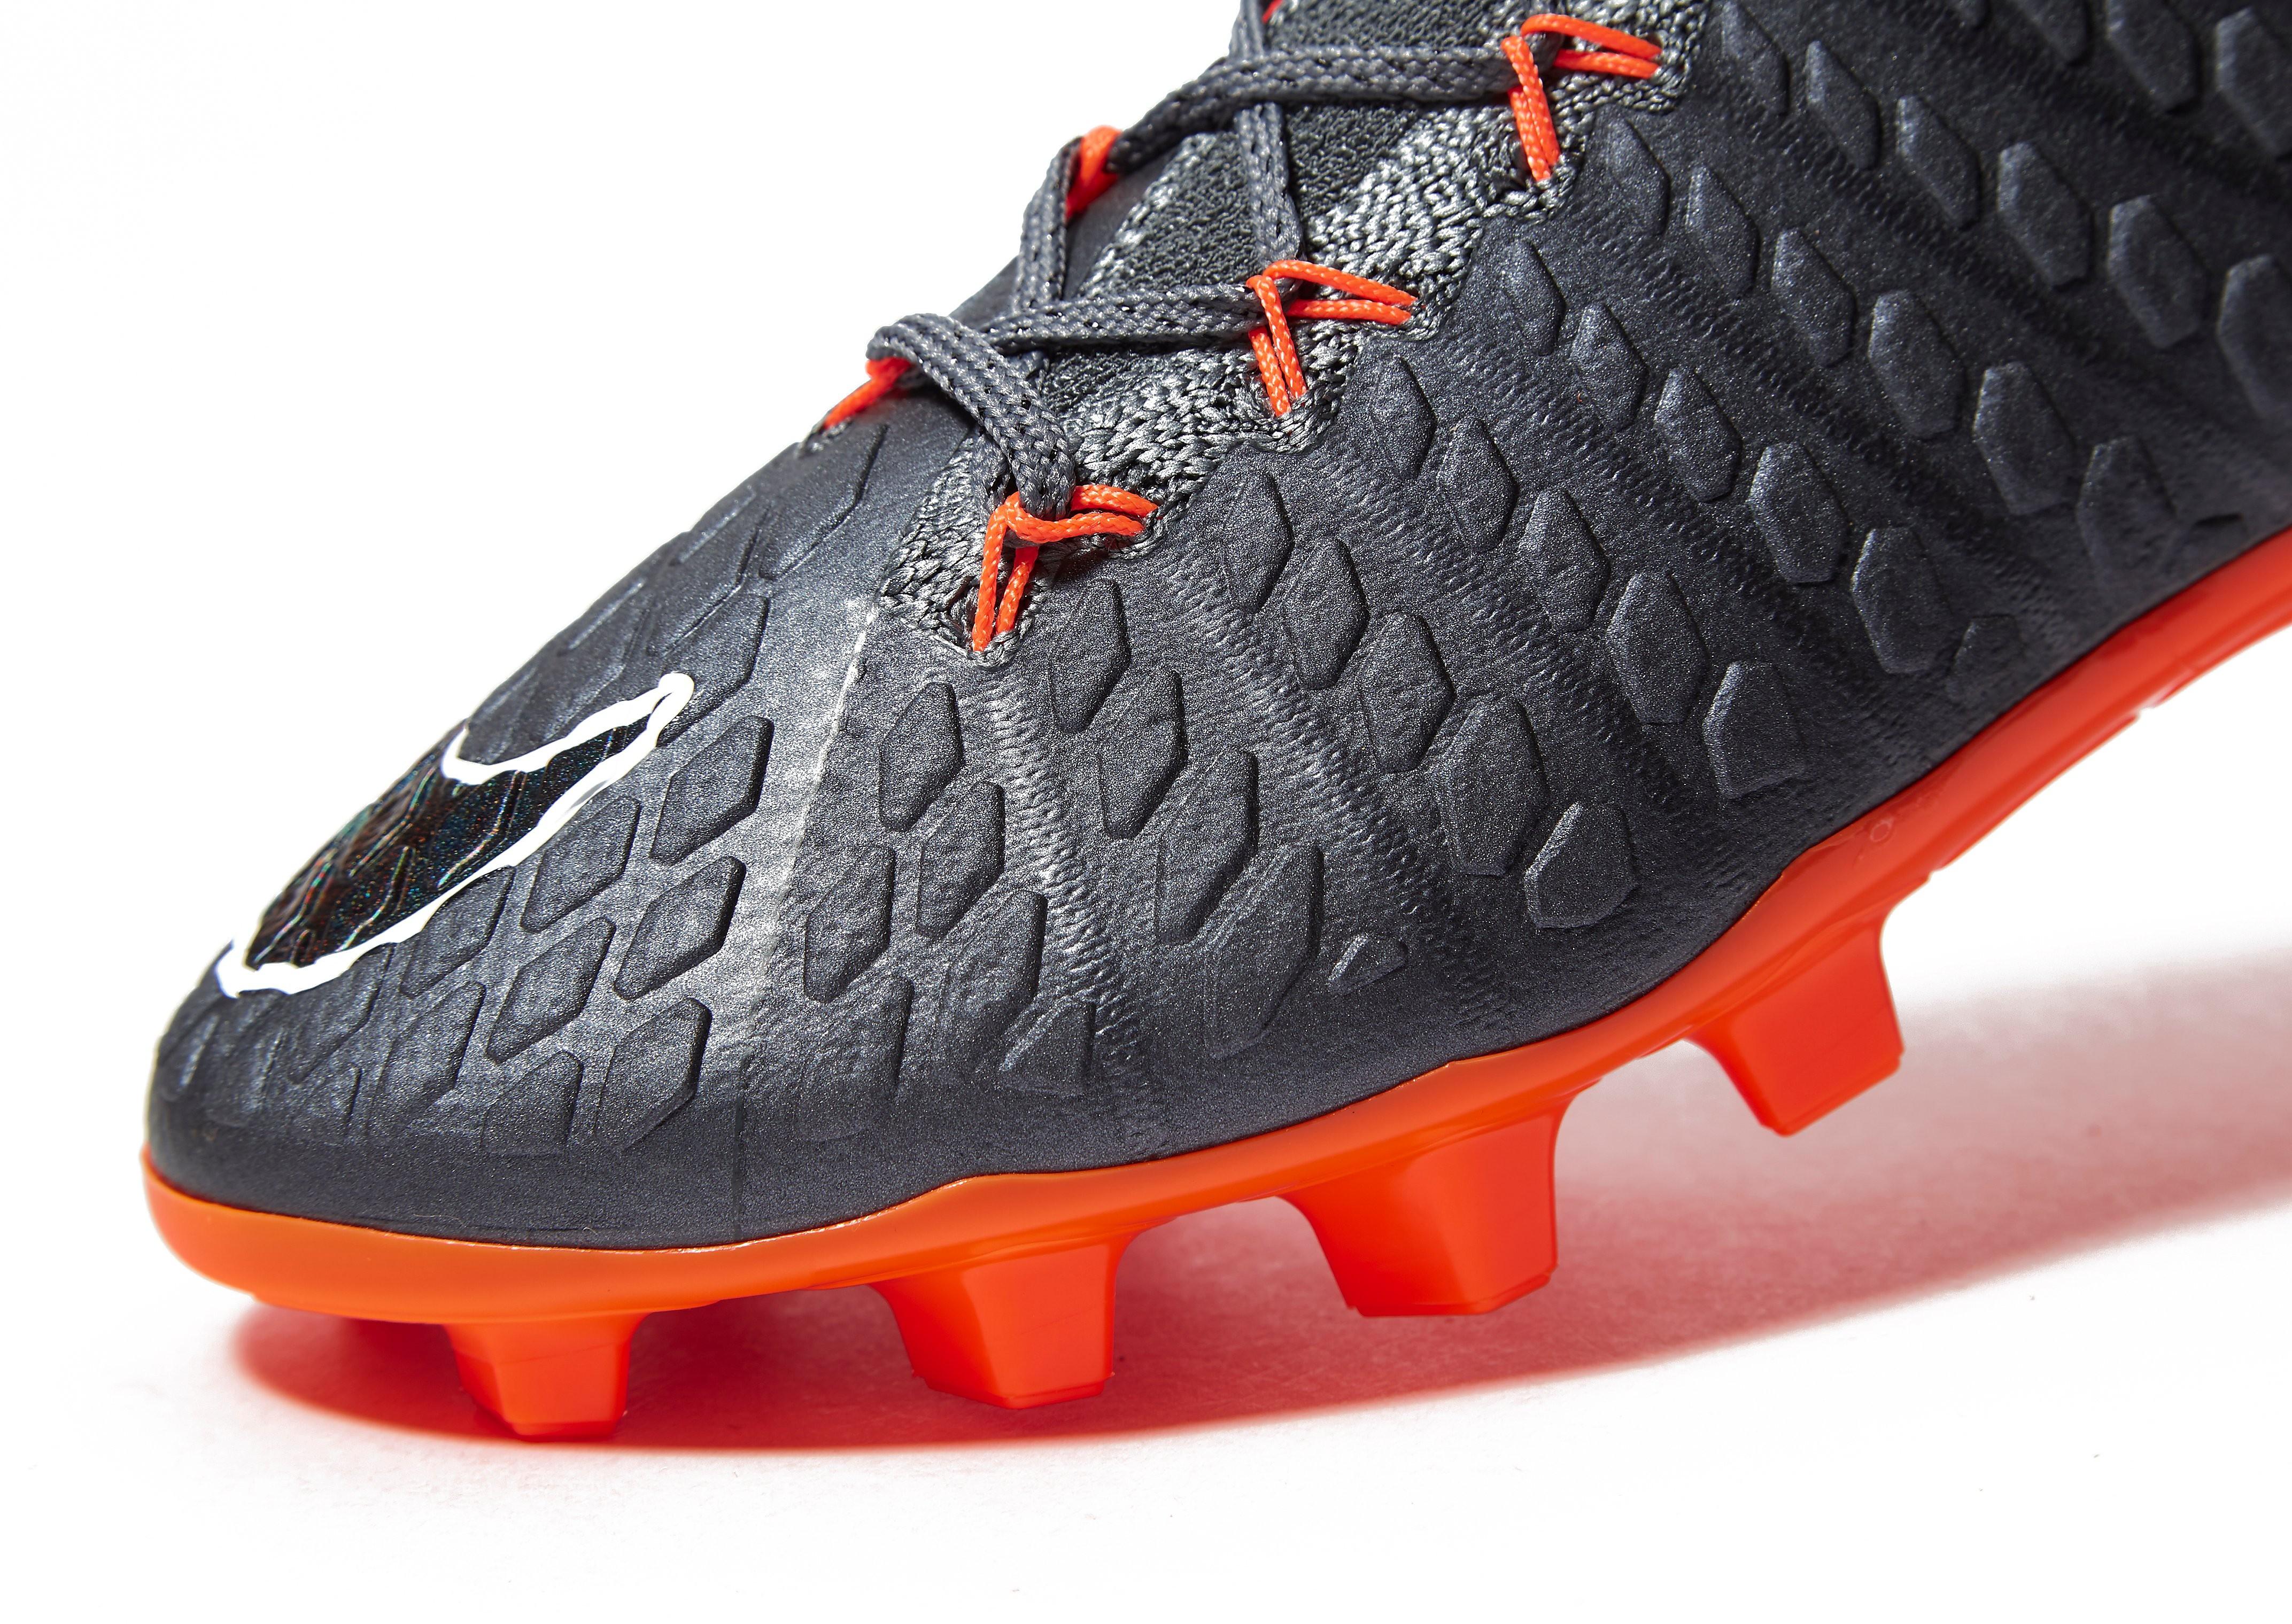 Nike Fast AF Hypervenom Elite Dynamic Fit FG Junior